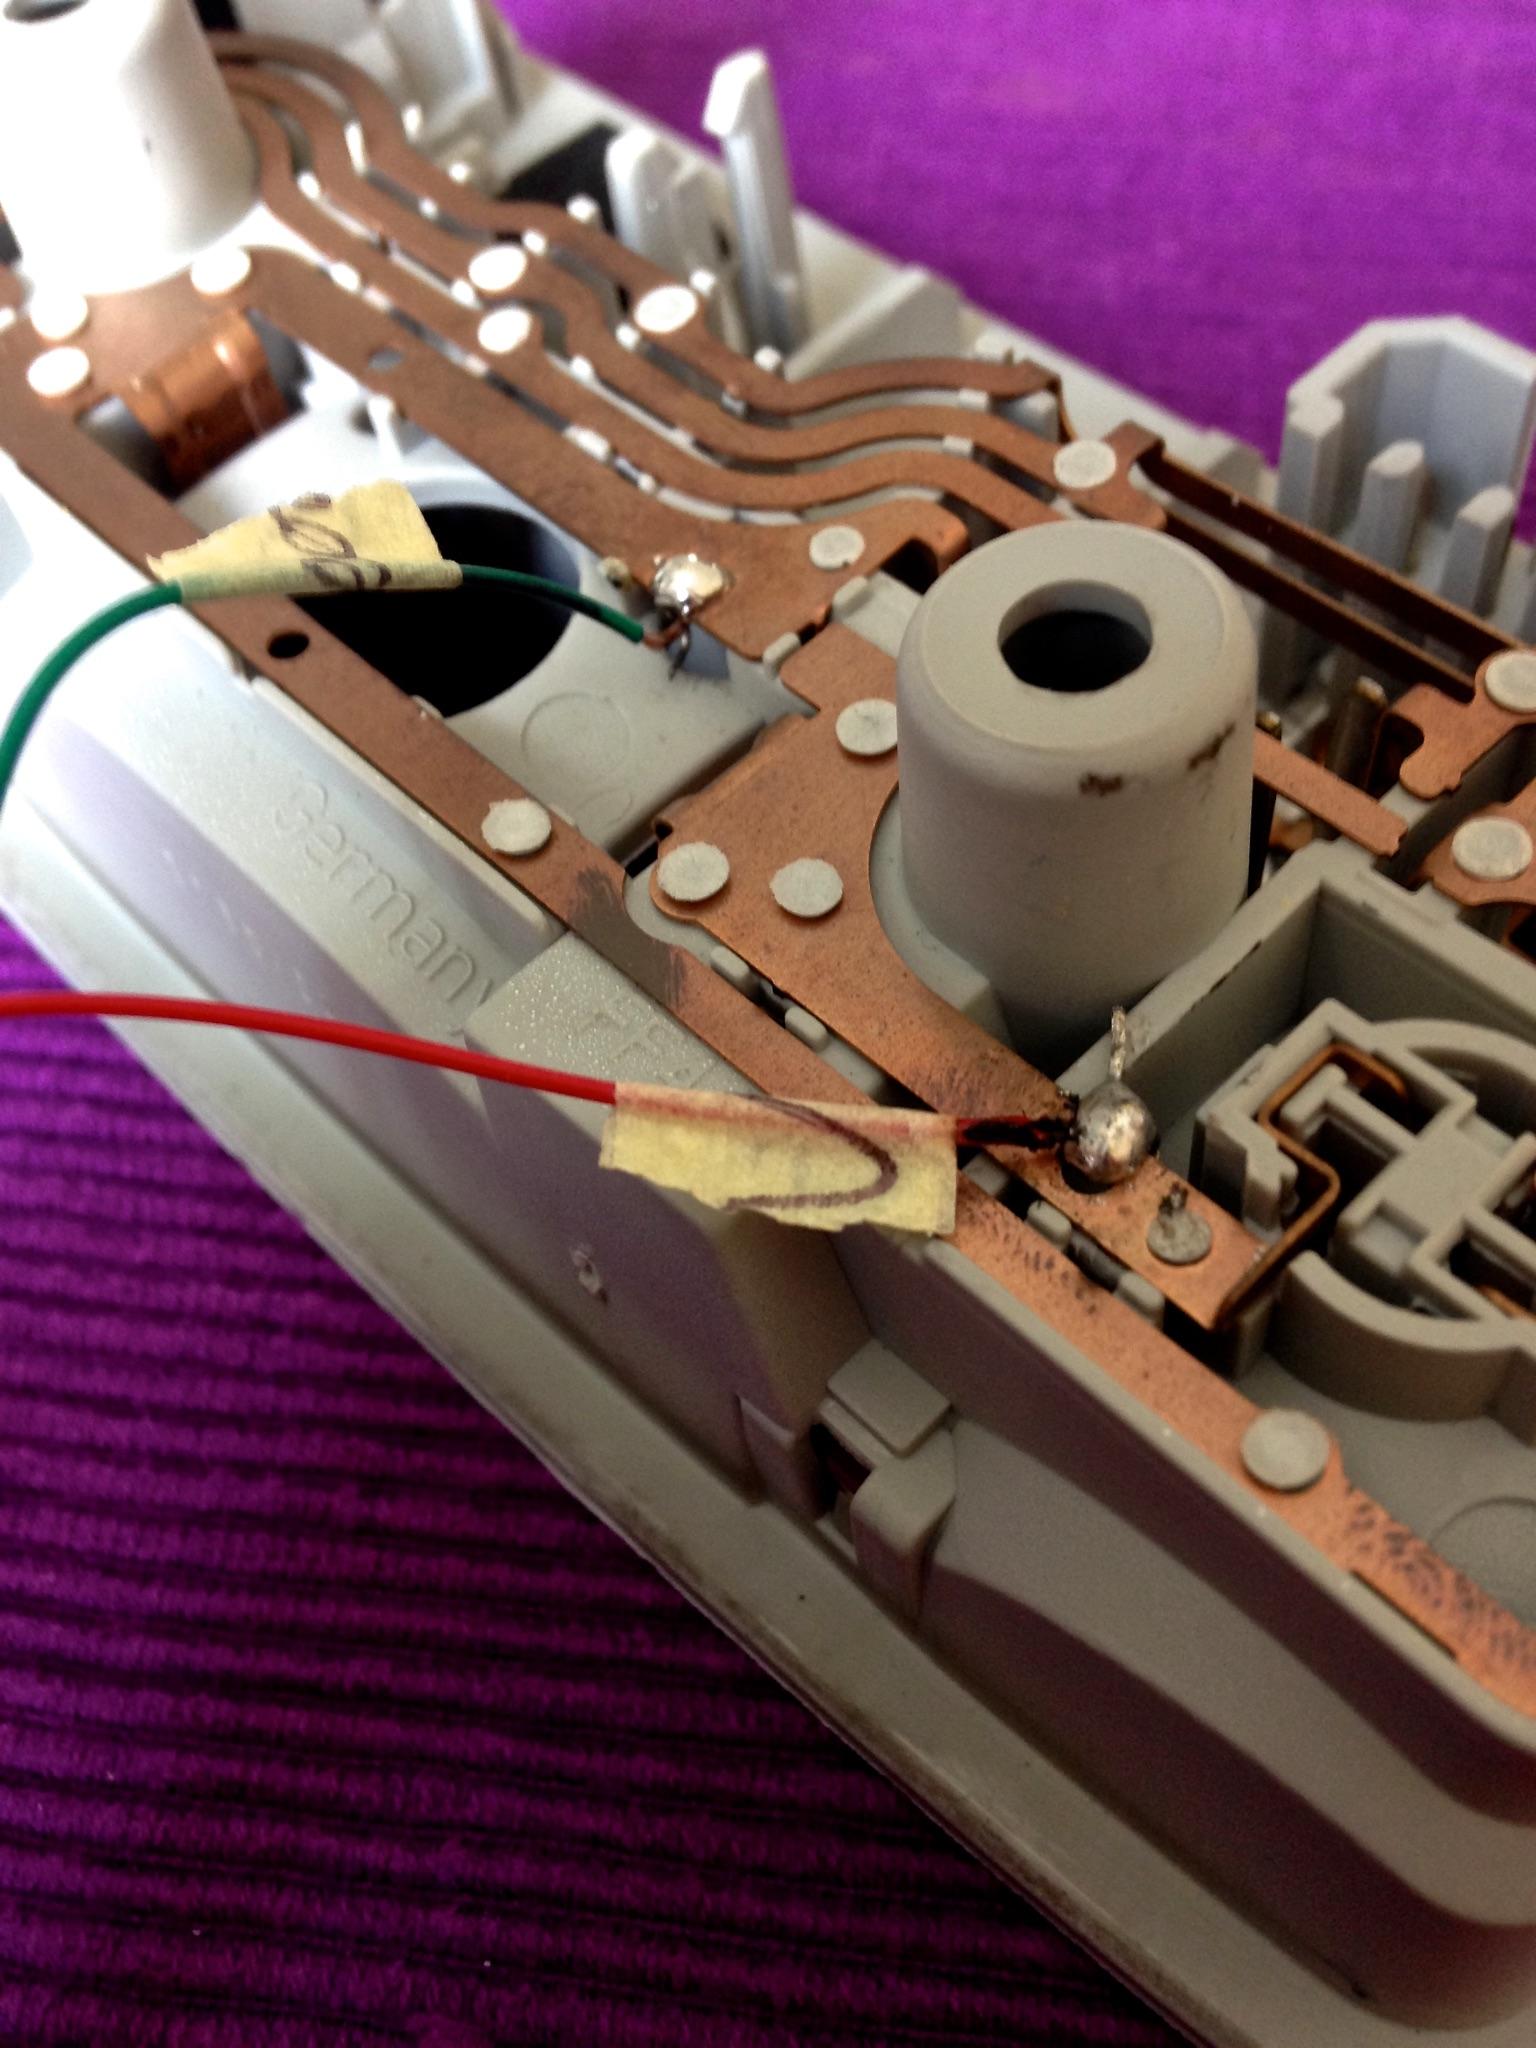 Am I Being Stupid Coding Skoda Fabia Mk Briskoda Monte Carlo Fuse Box 43b49de9 F81c 4d56 B56d B1f0c20e21bdjpeg